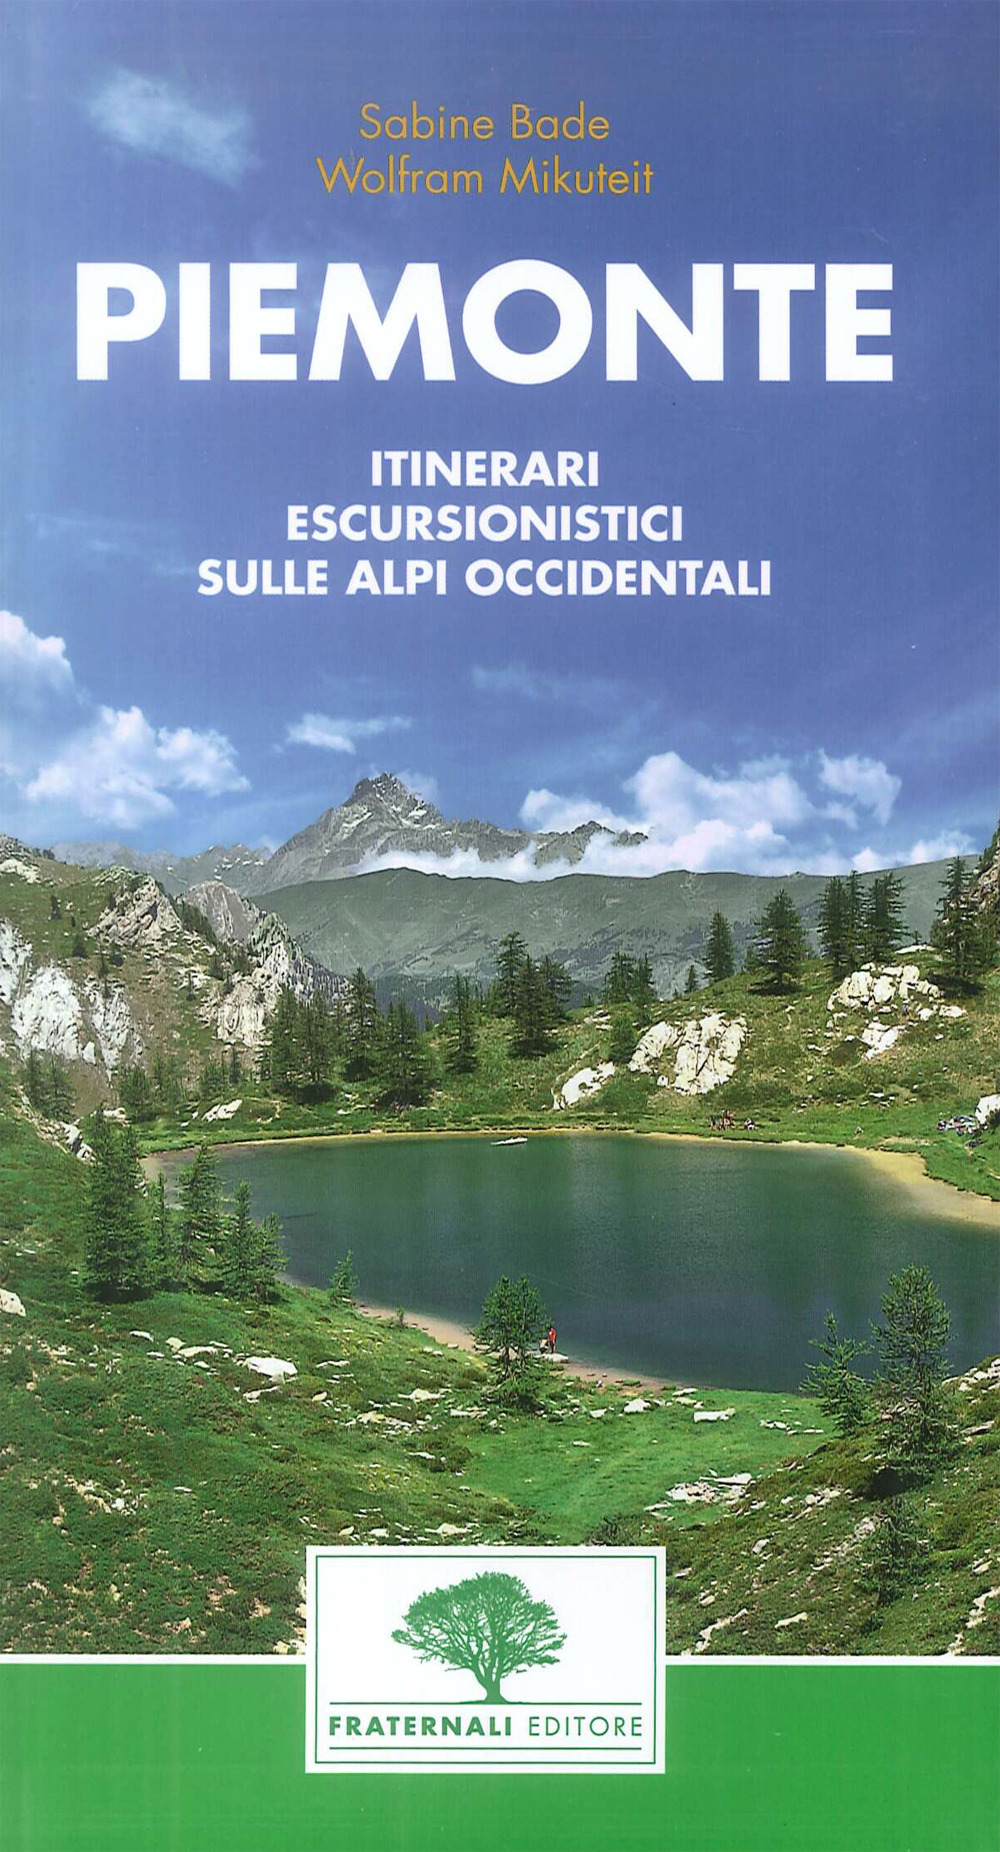 Piemonte. Guida escursionistica. 38 escursioni nel Piemonte occidentale